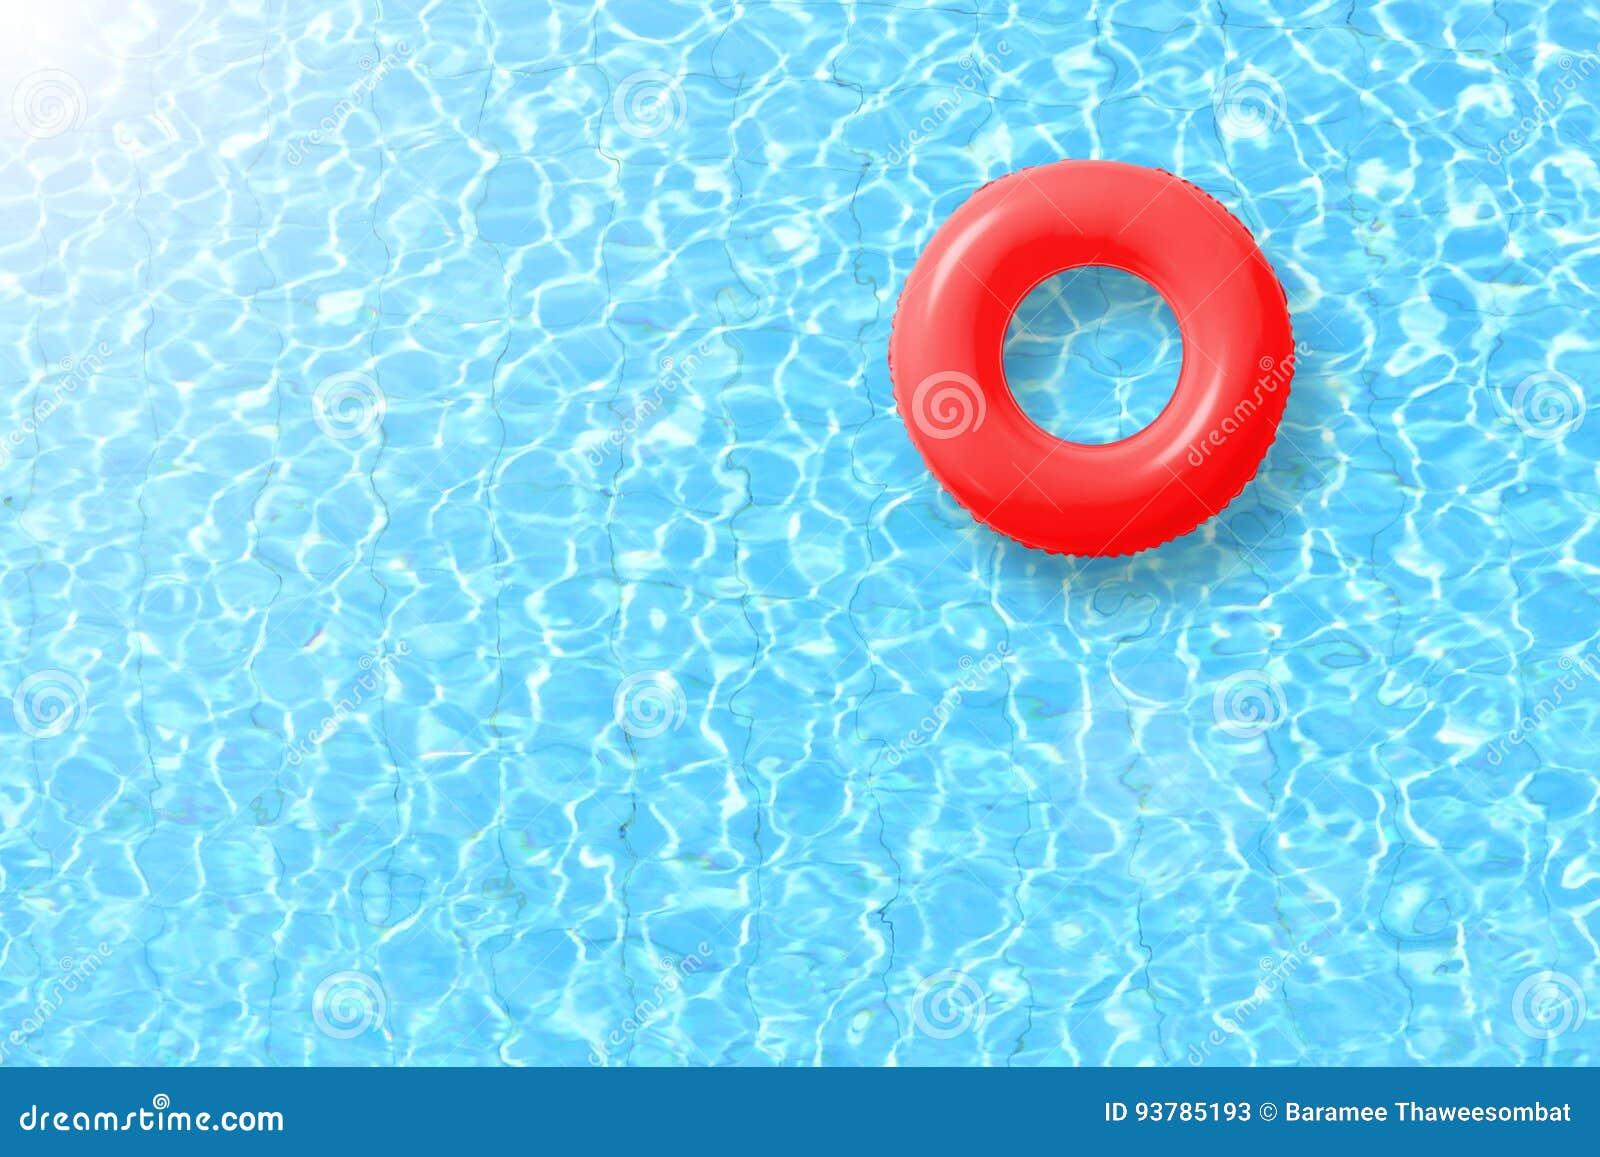 De rode vlotter van de zwembadring in blauw water en heldere zon